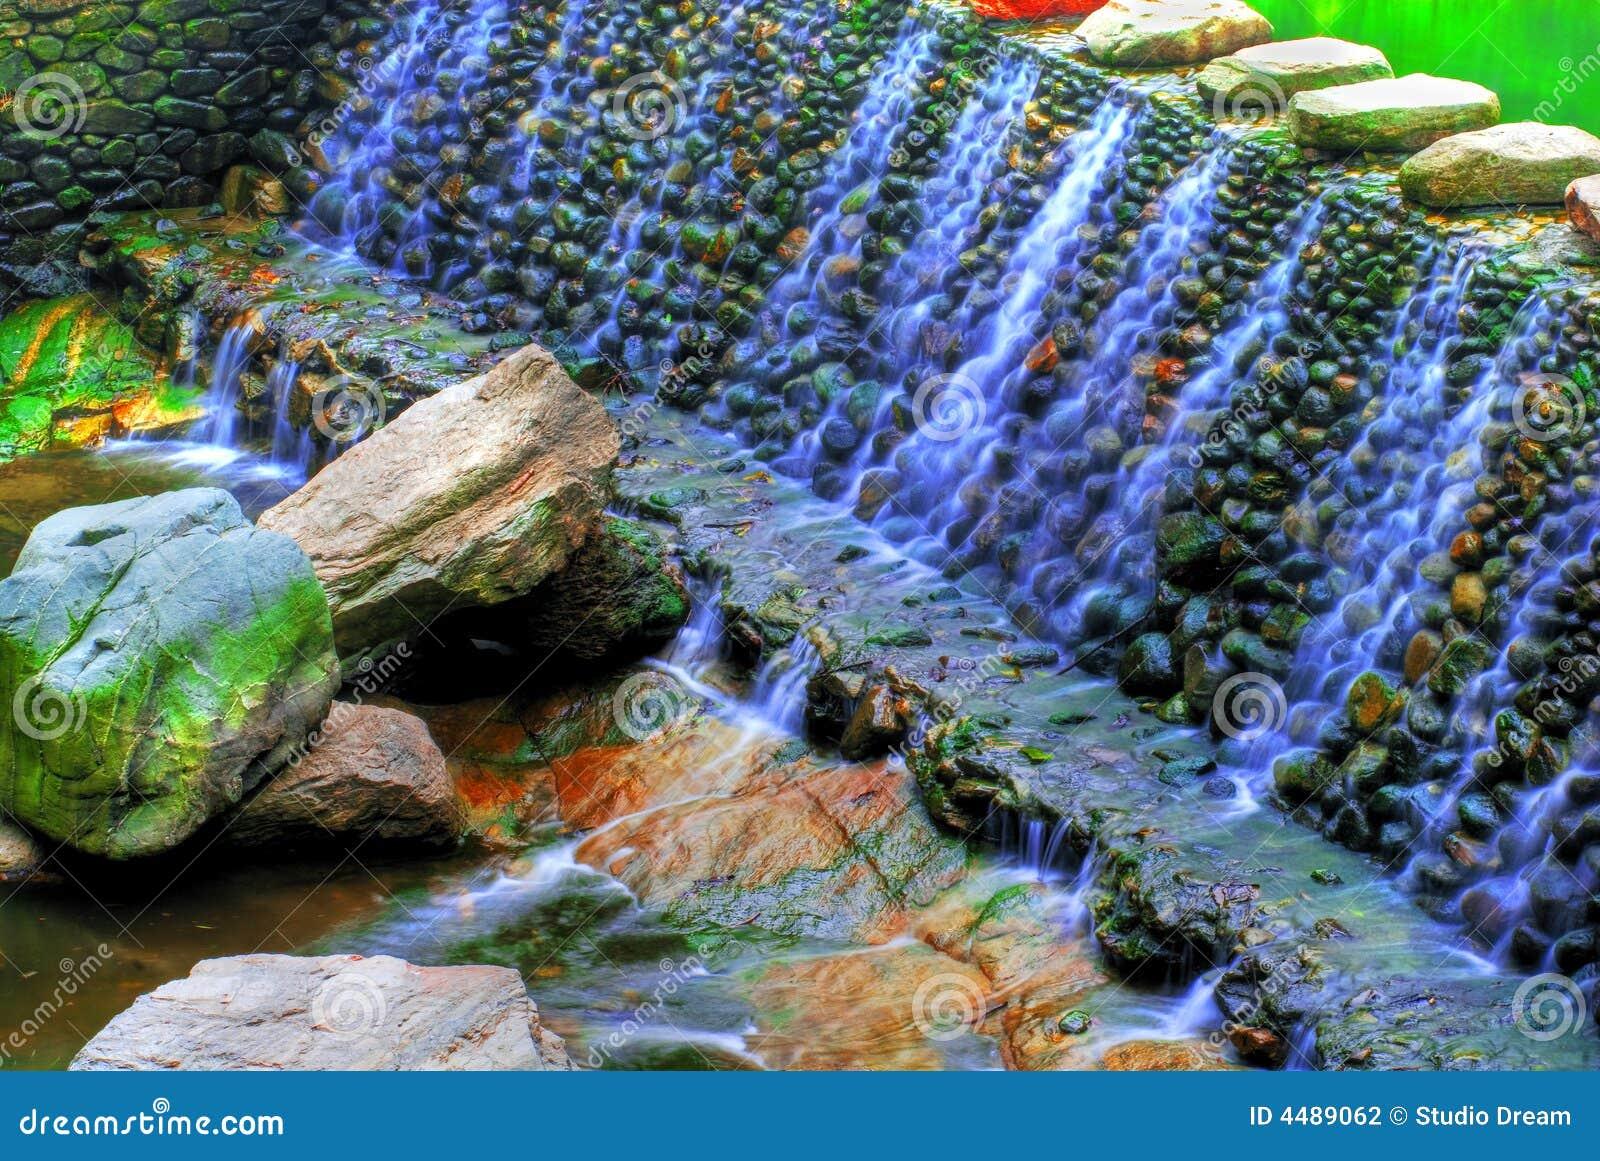 Cascada de piedra fotograf a de archivo imagen 4489062 for Cascadas de piedra